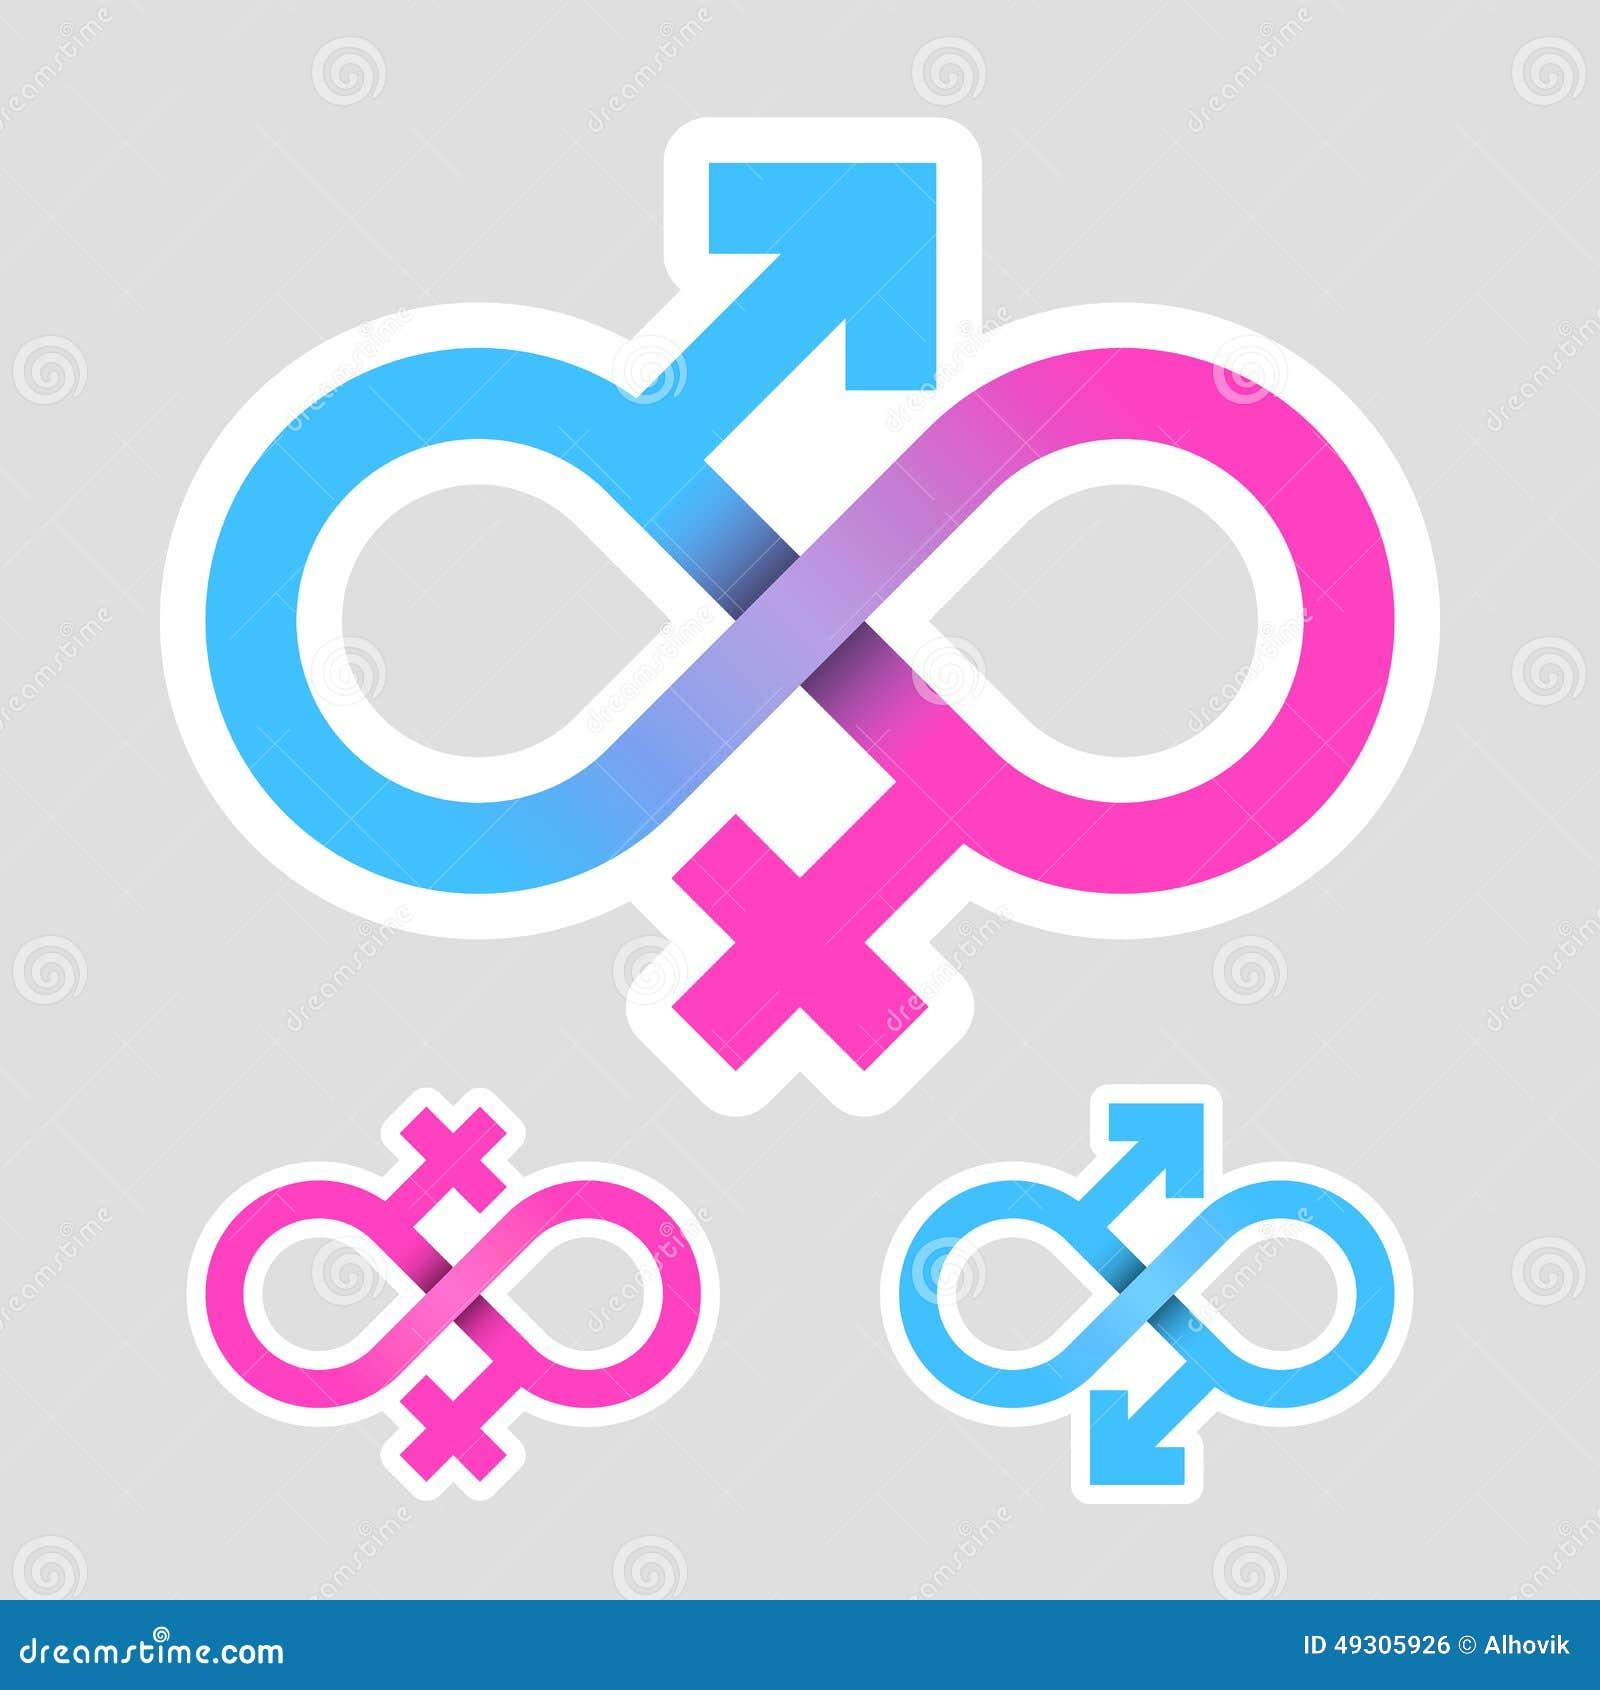 Oneindigheidsliefde, geslachtssymbolen